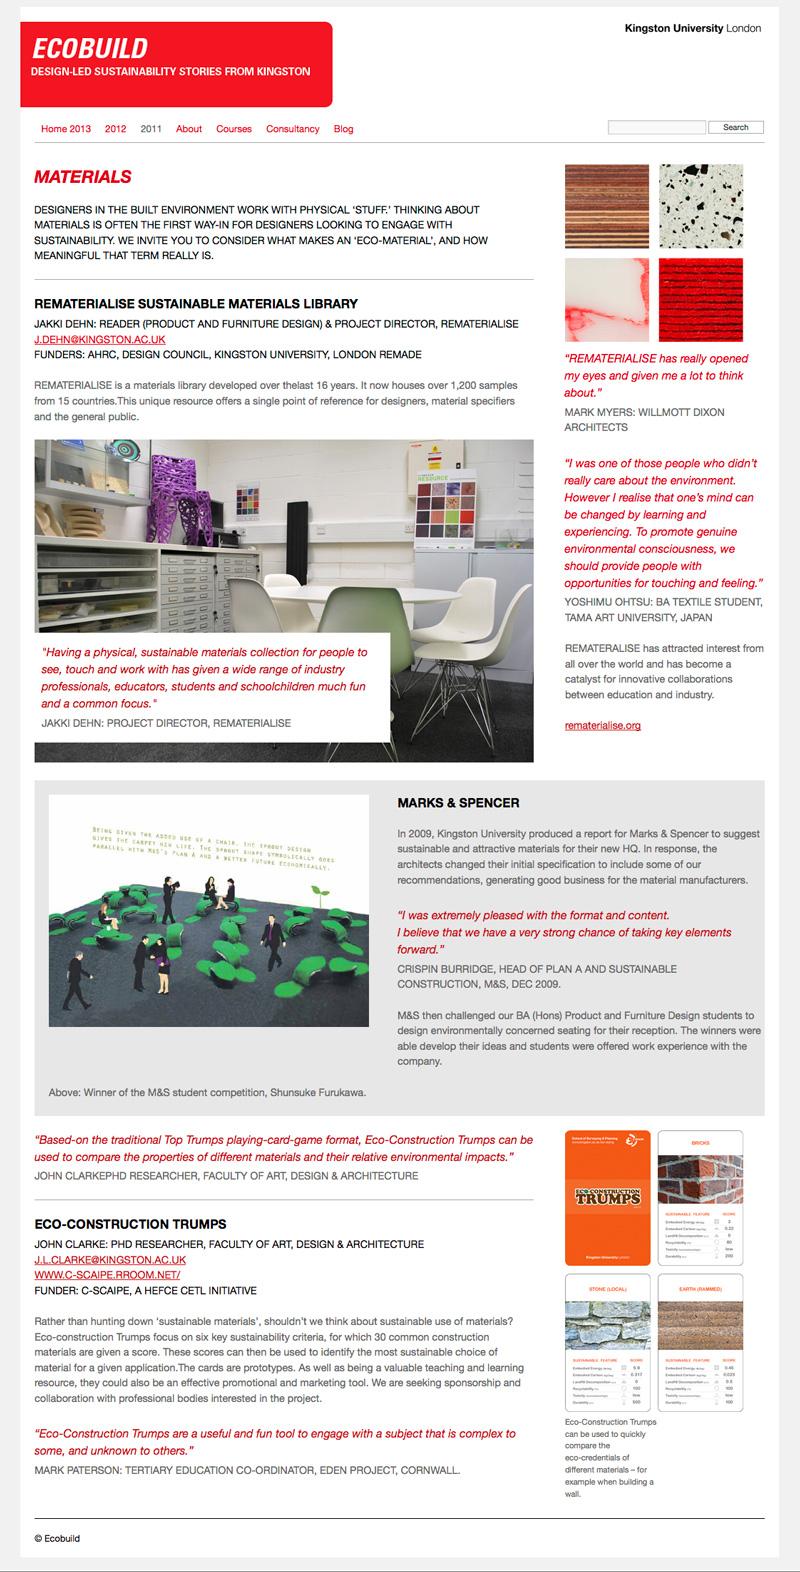 ecobuild website